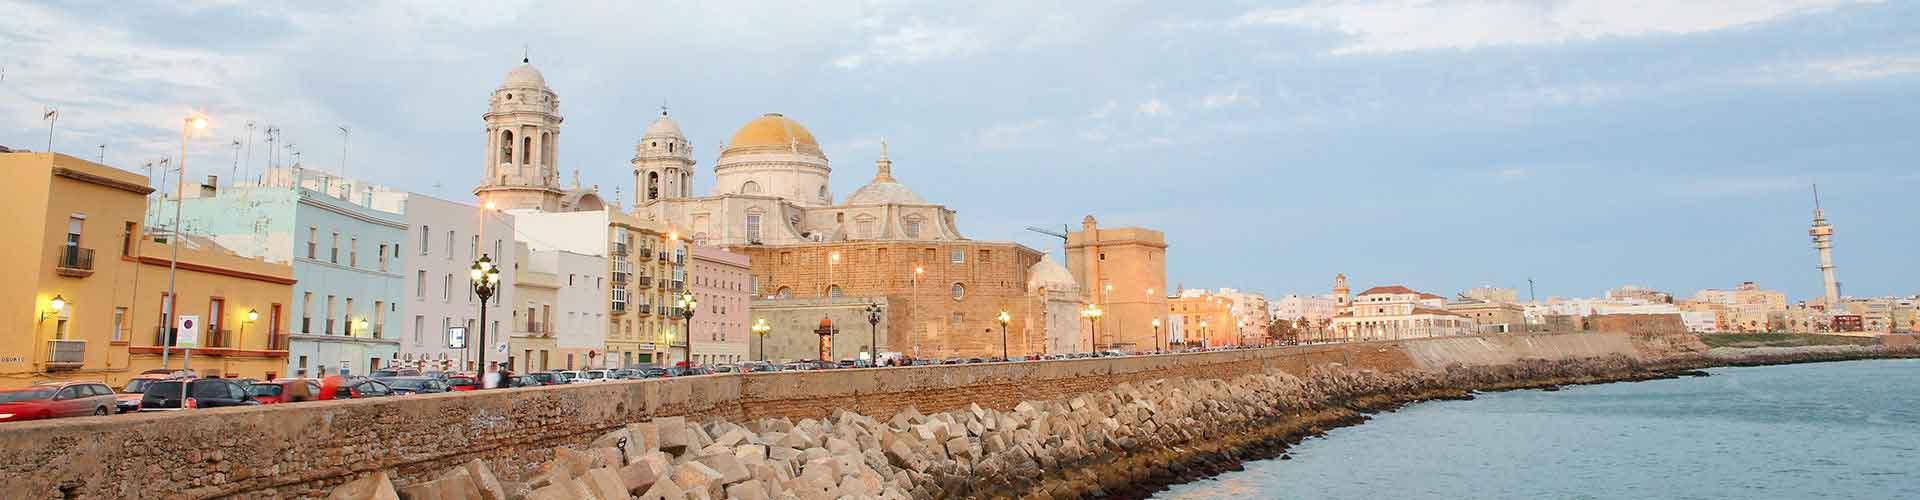 Cádiz - Hostales en Cádiz. Mapas de Cádiz, Fotos y comentarios de cada Hostal en Cádiz.